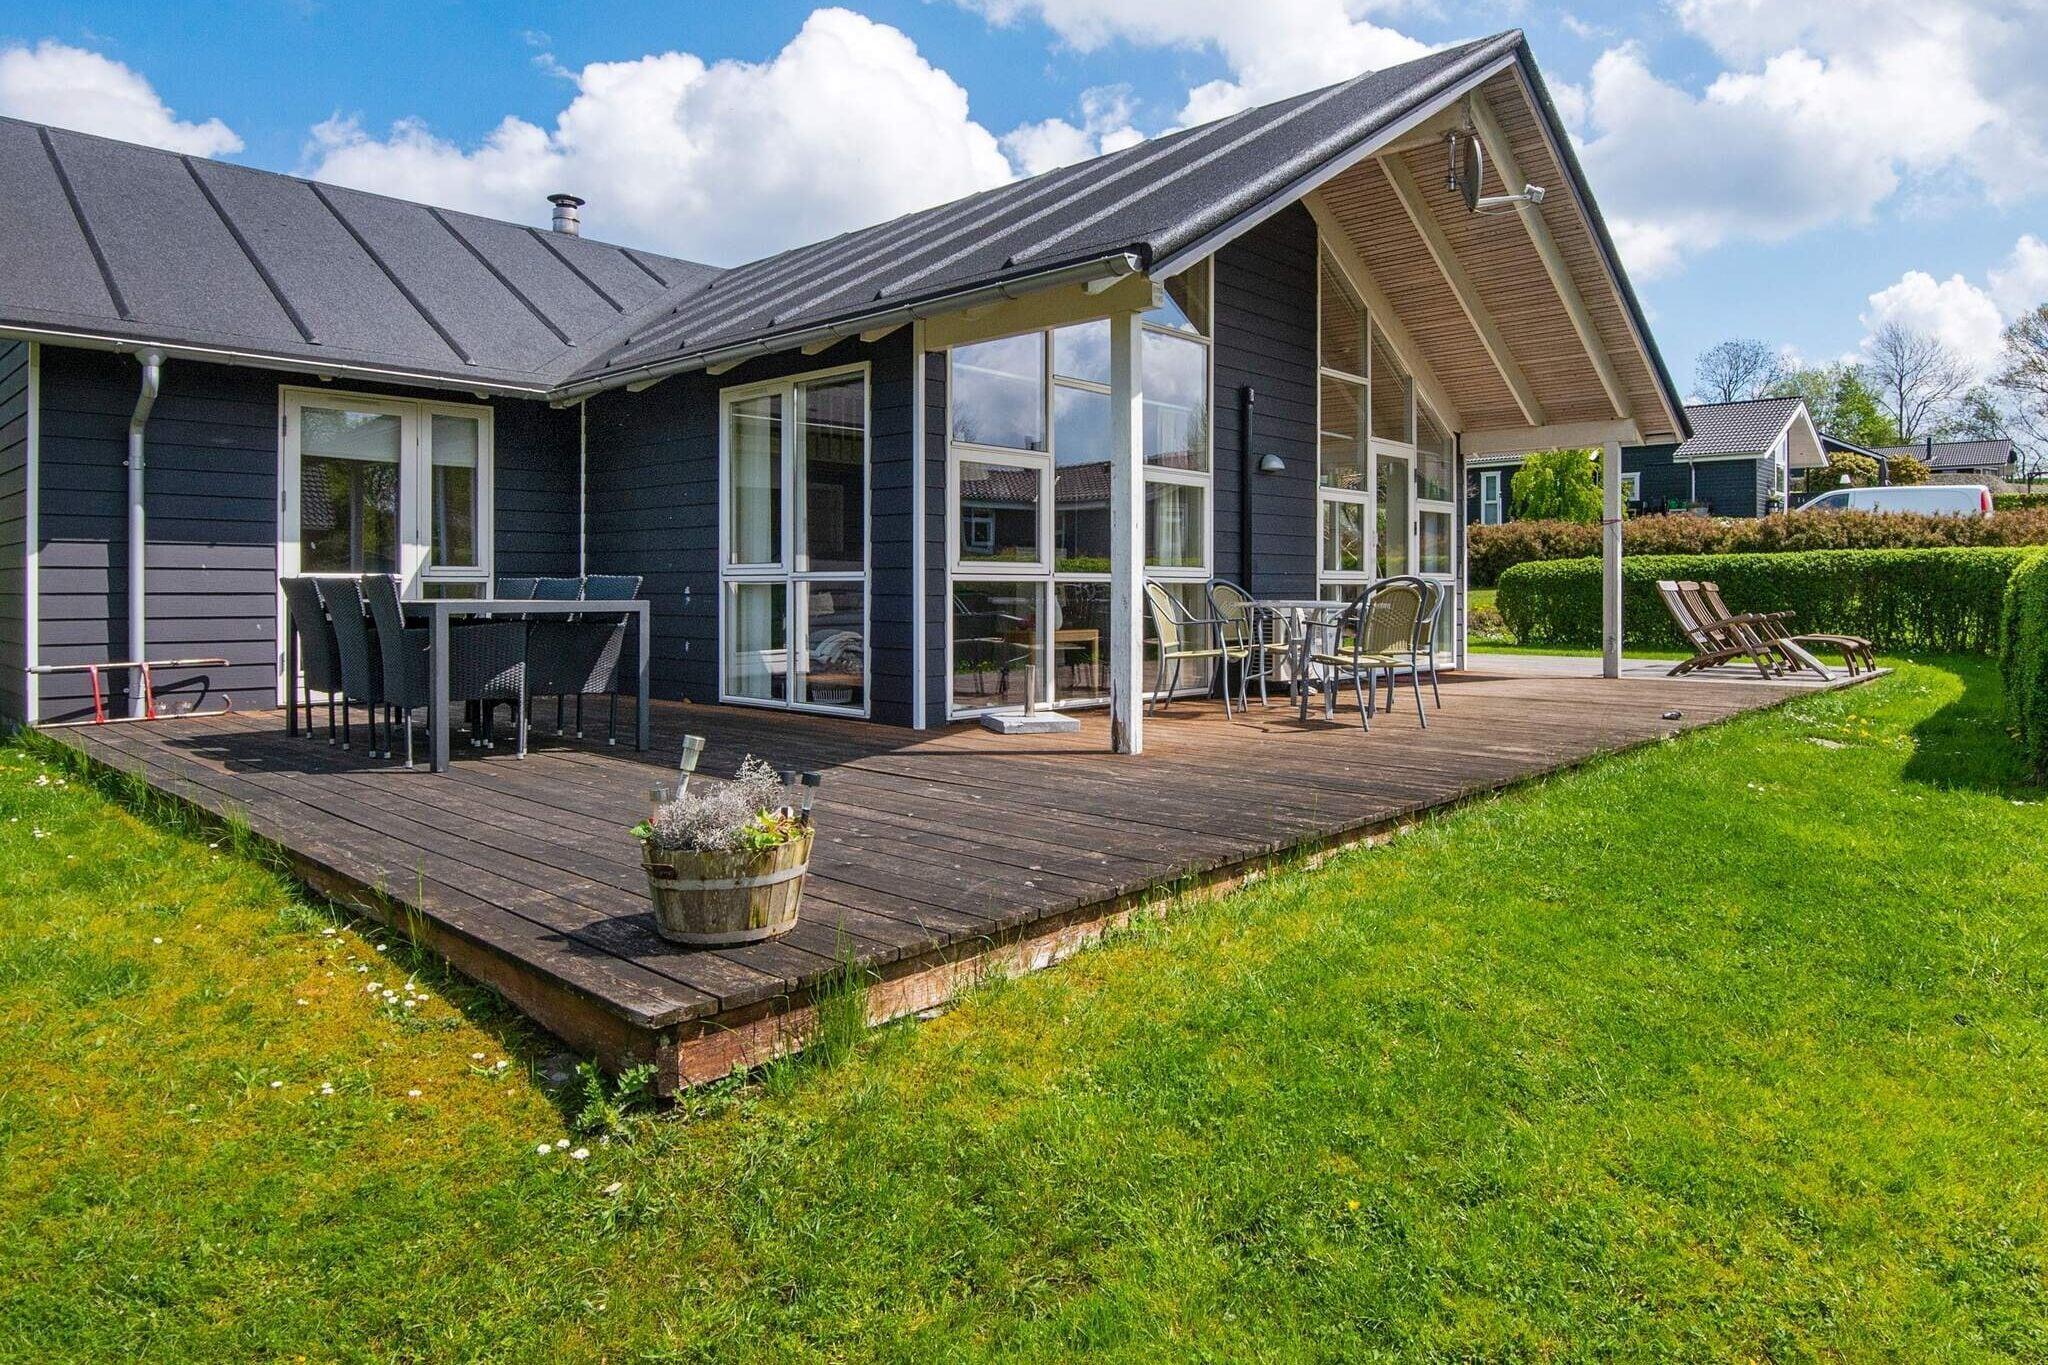 Ferienhaus in Apenrade für 12 Personen